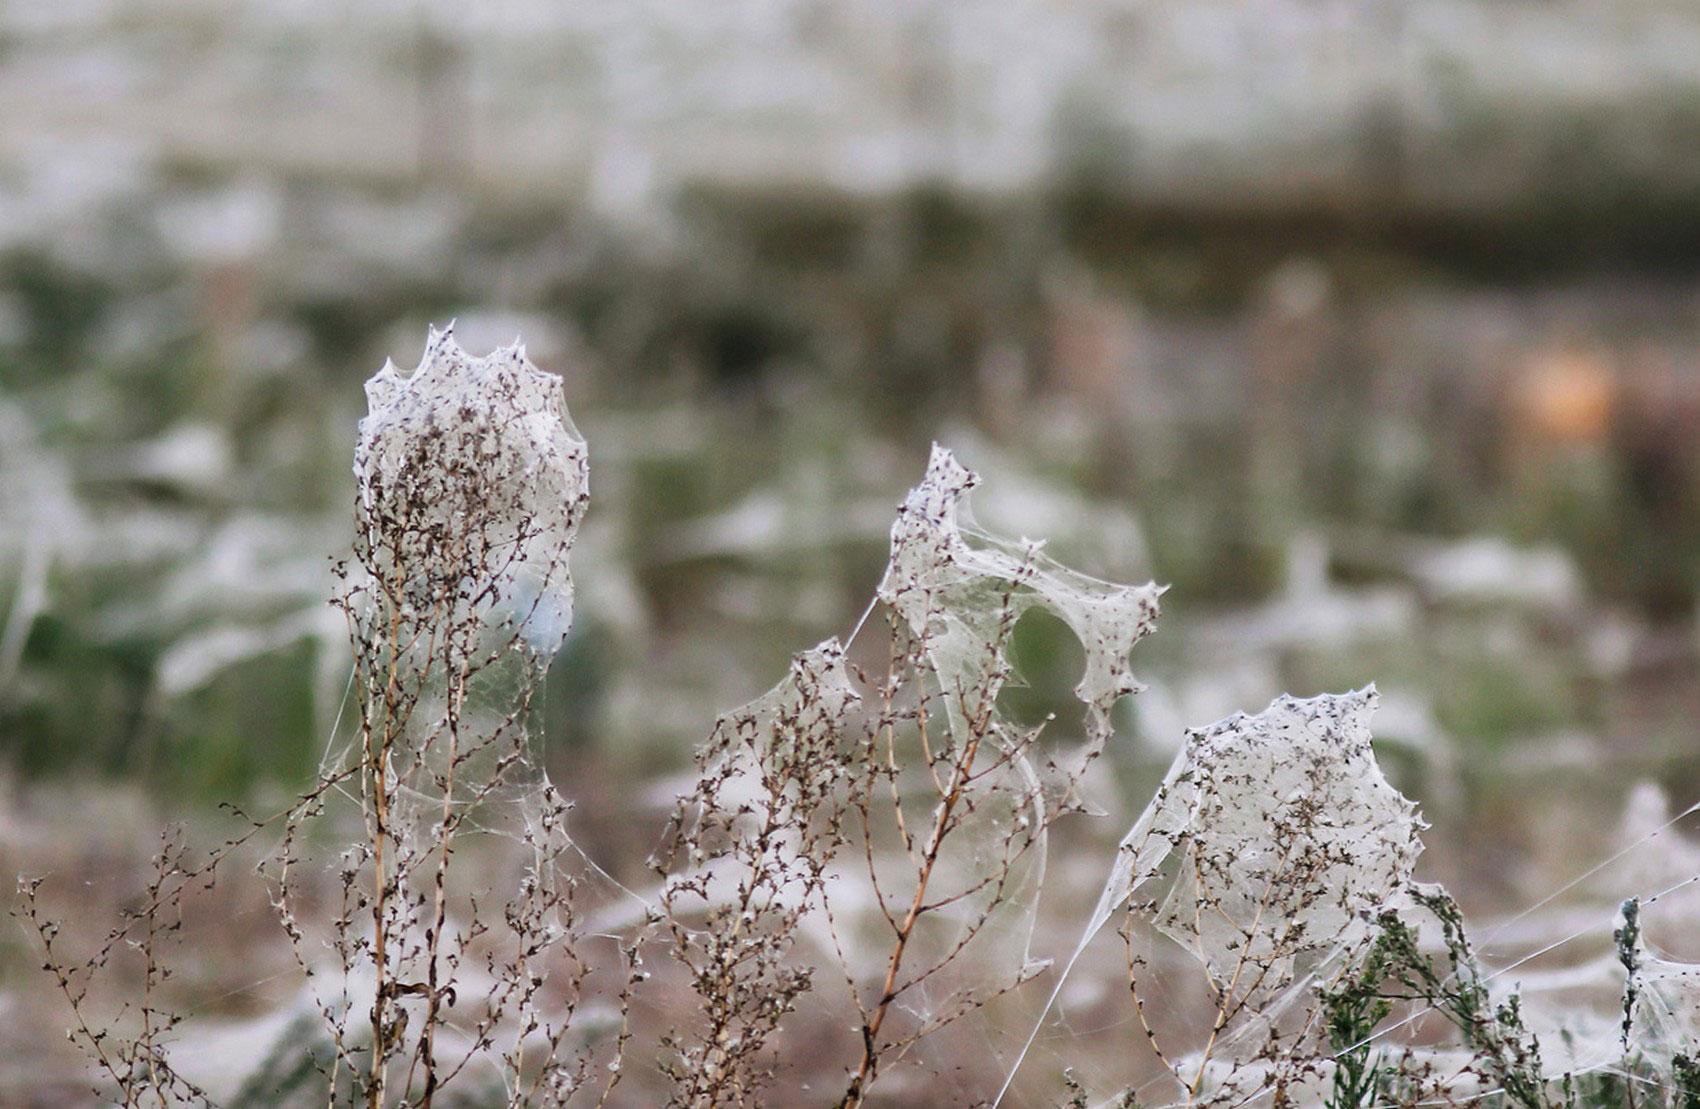 Дикие растения в пауках и паутине, фото